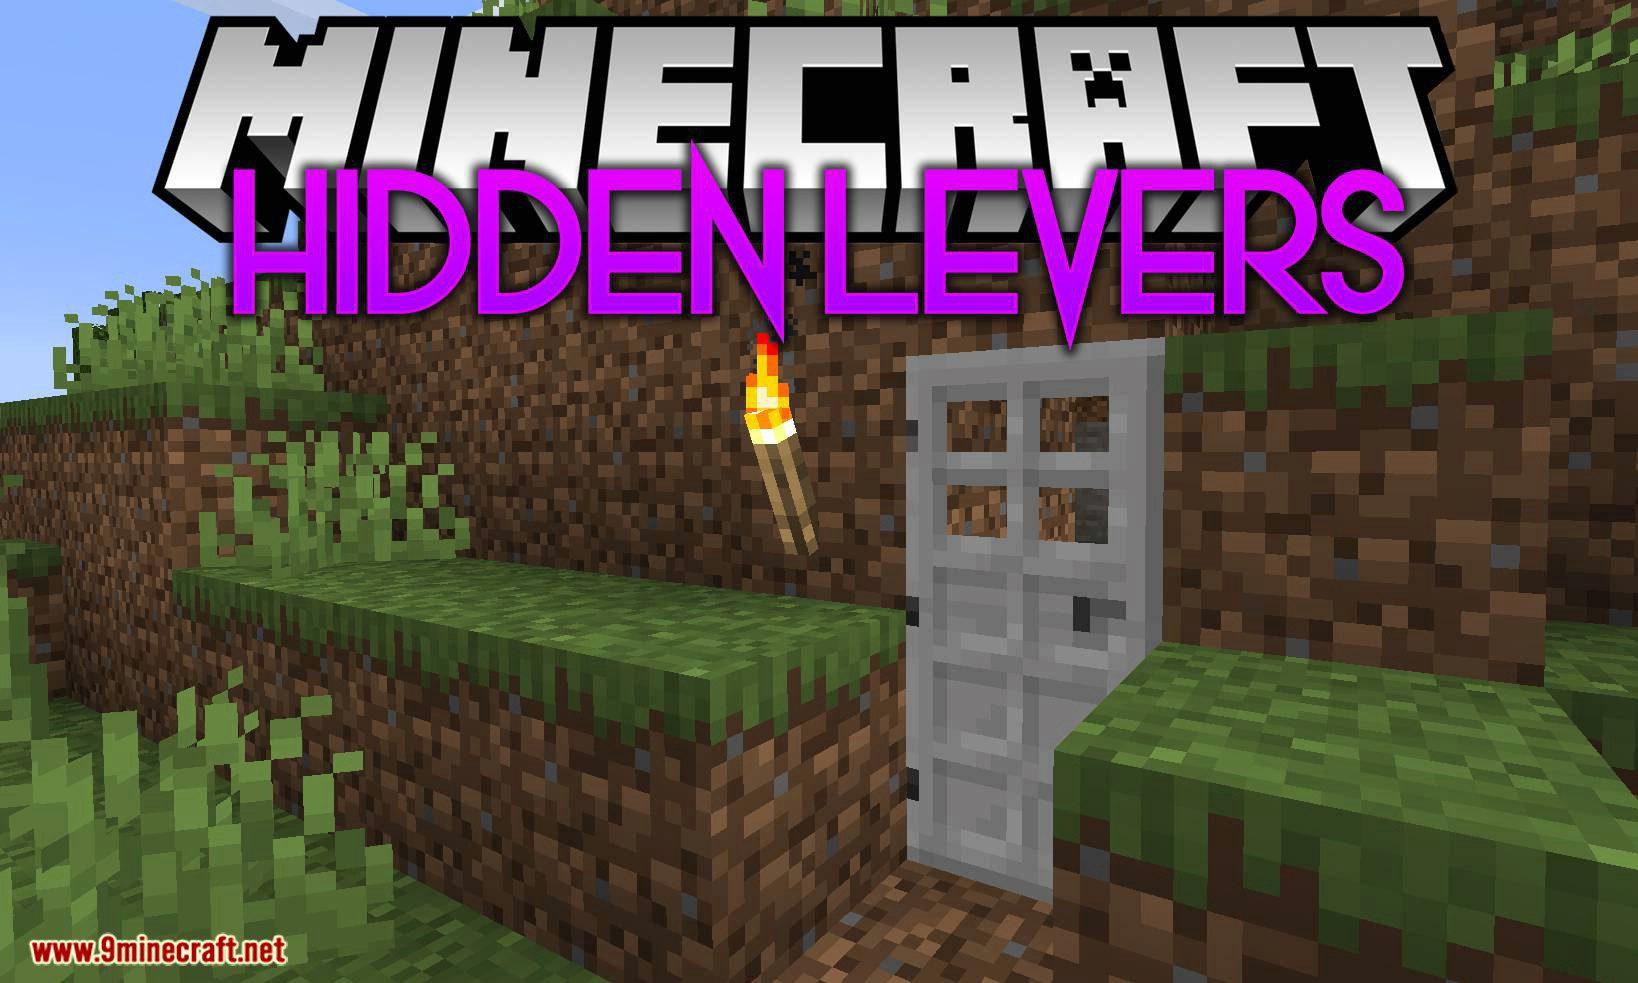 Hidden Levers mod for minecraft logo